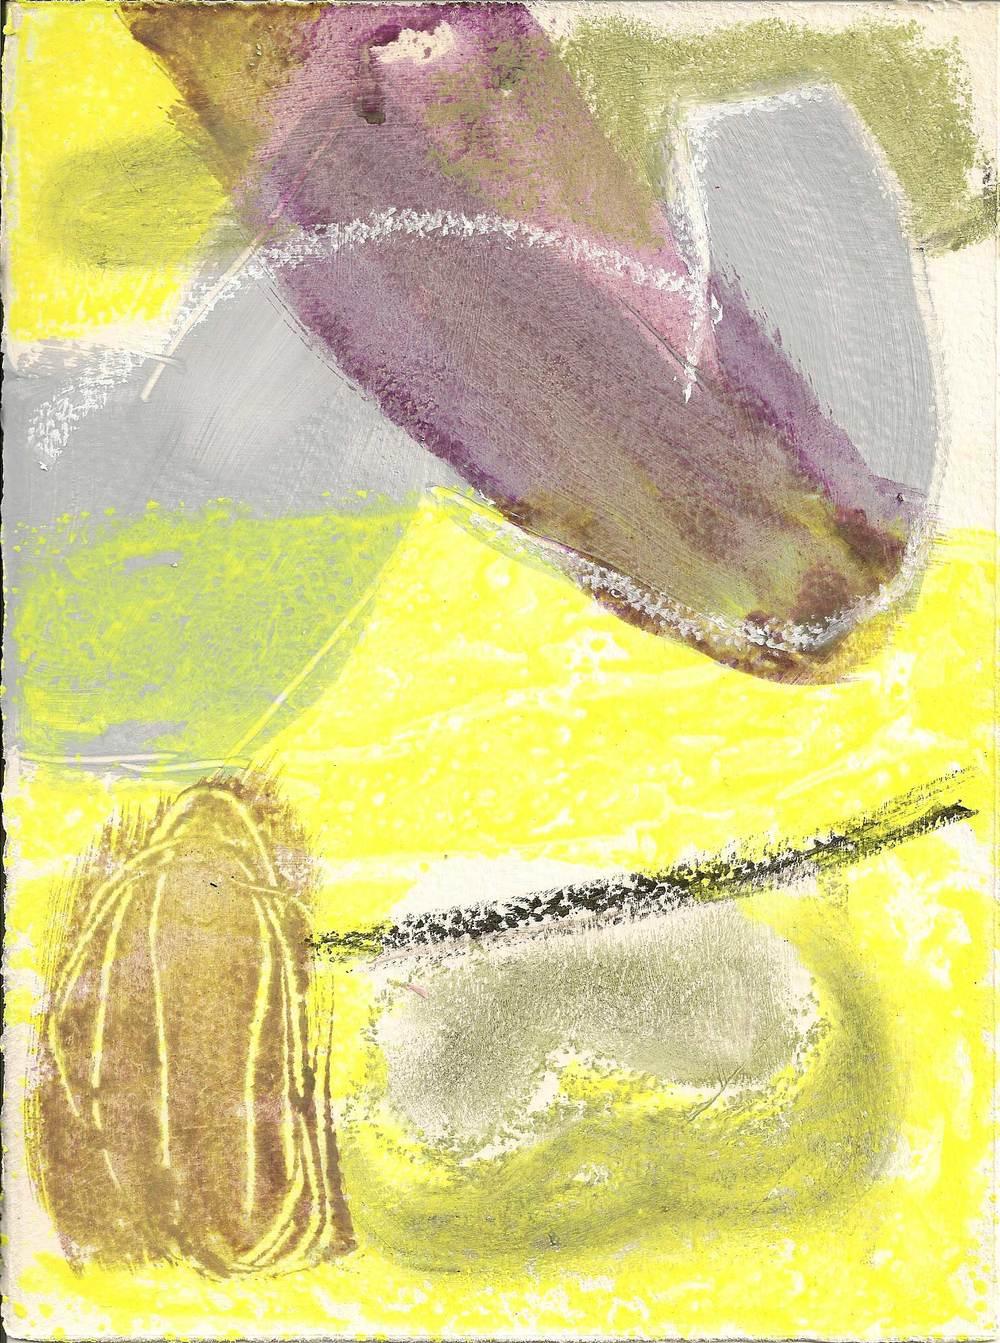 gummi-(4).jpg